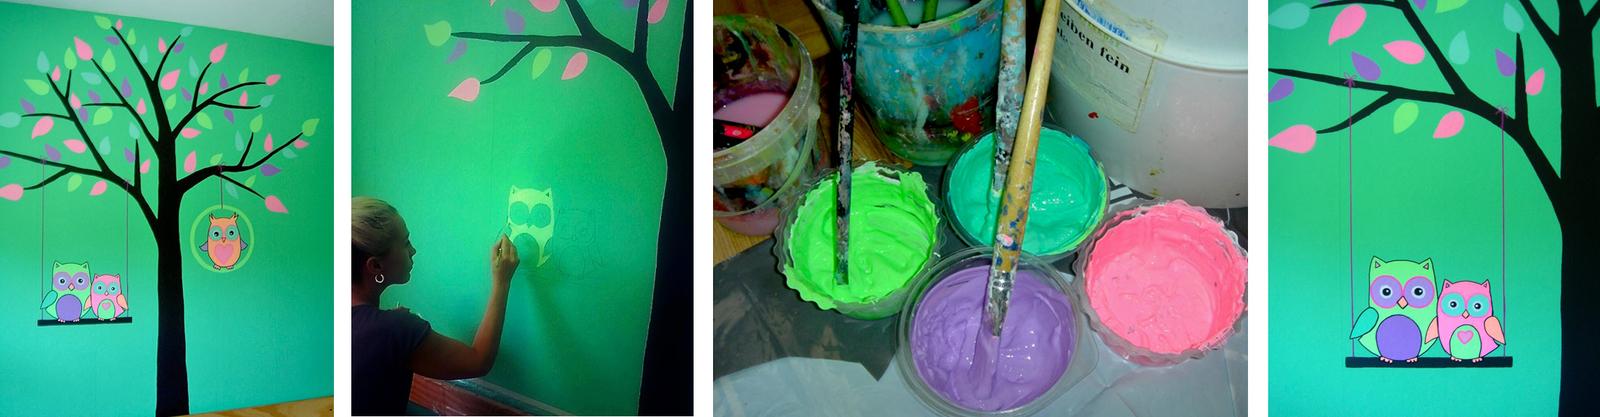 Kinderzimmer malerei vorlagen baum wand aufkleber for Vorlagen malerei